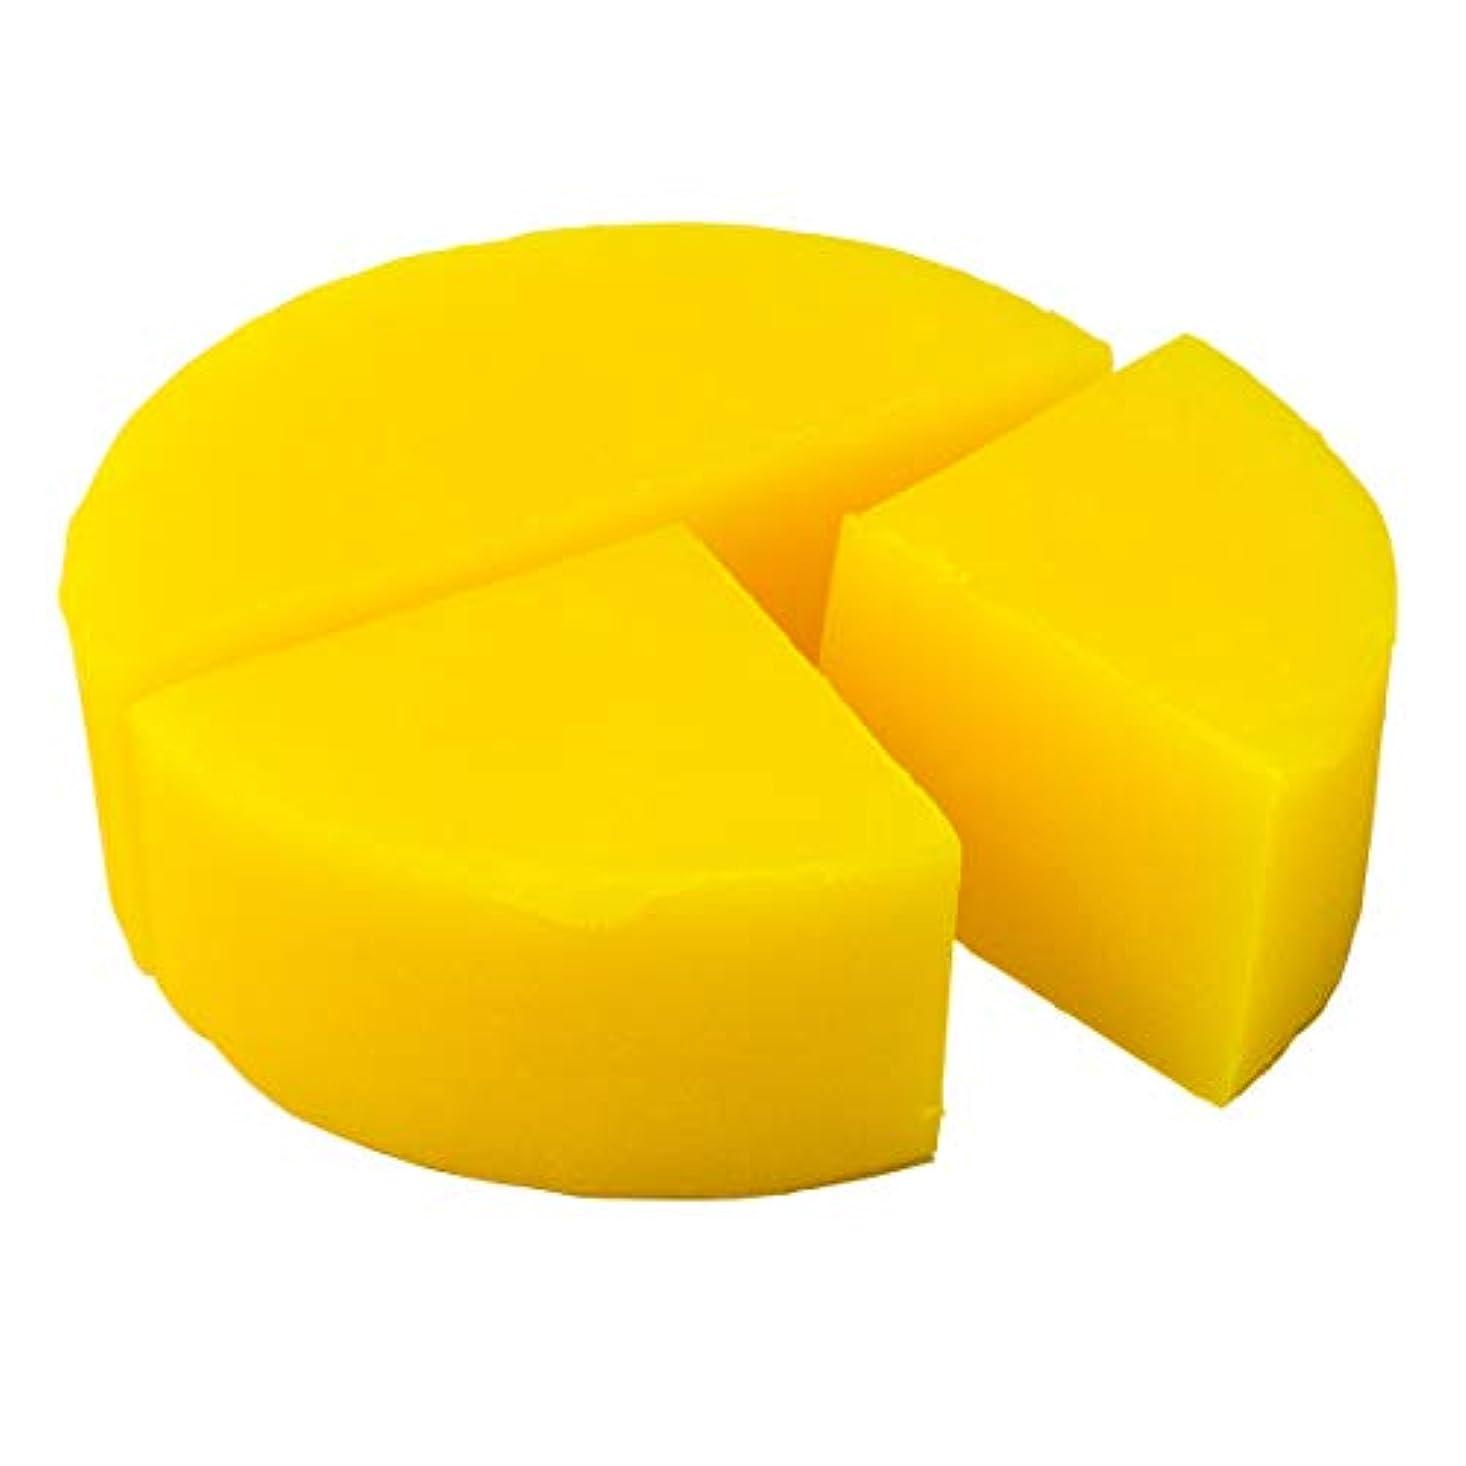 グリット遺伝的穿孔するグリセリン クリアソープ 色チップ 黄 100g (MPソープ)